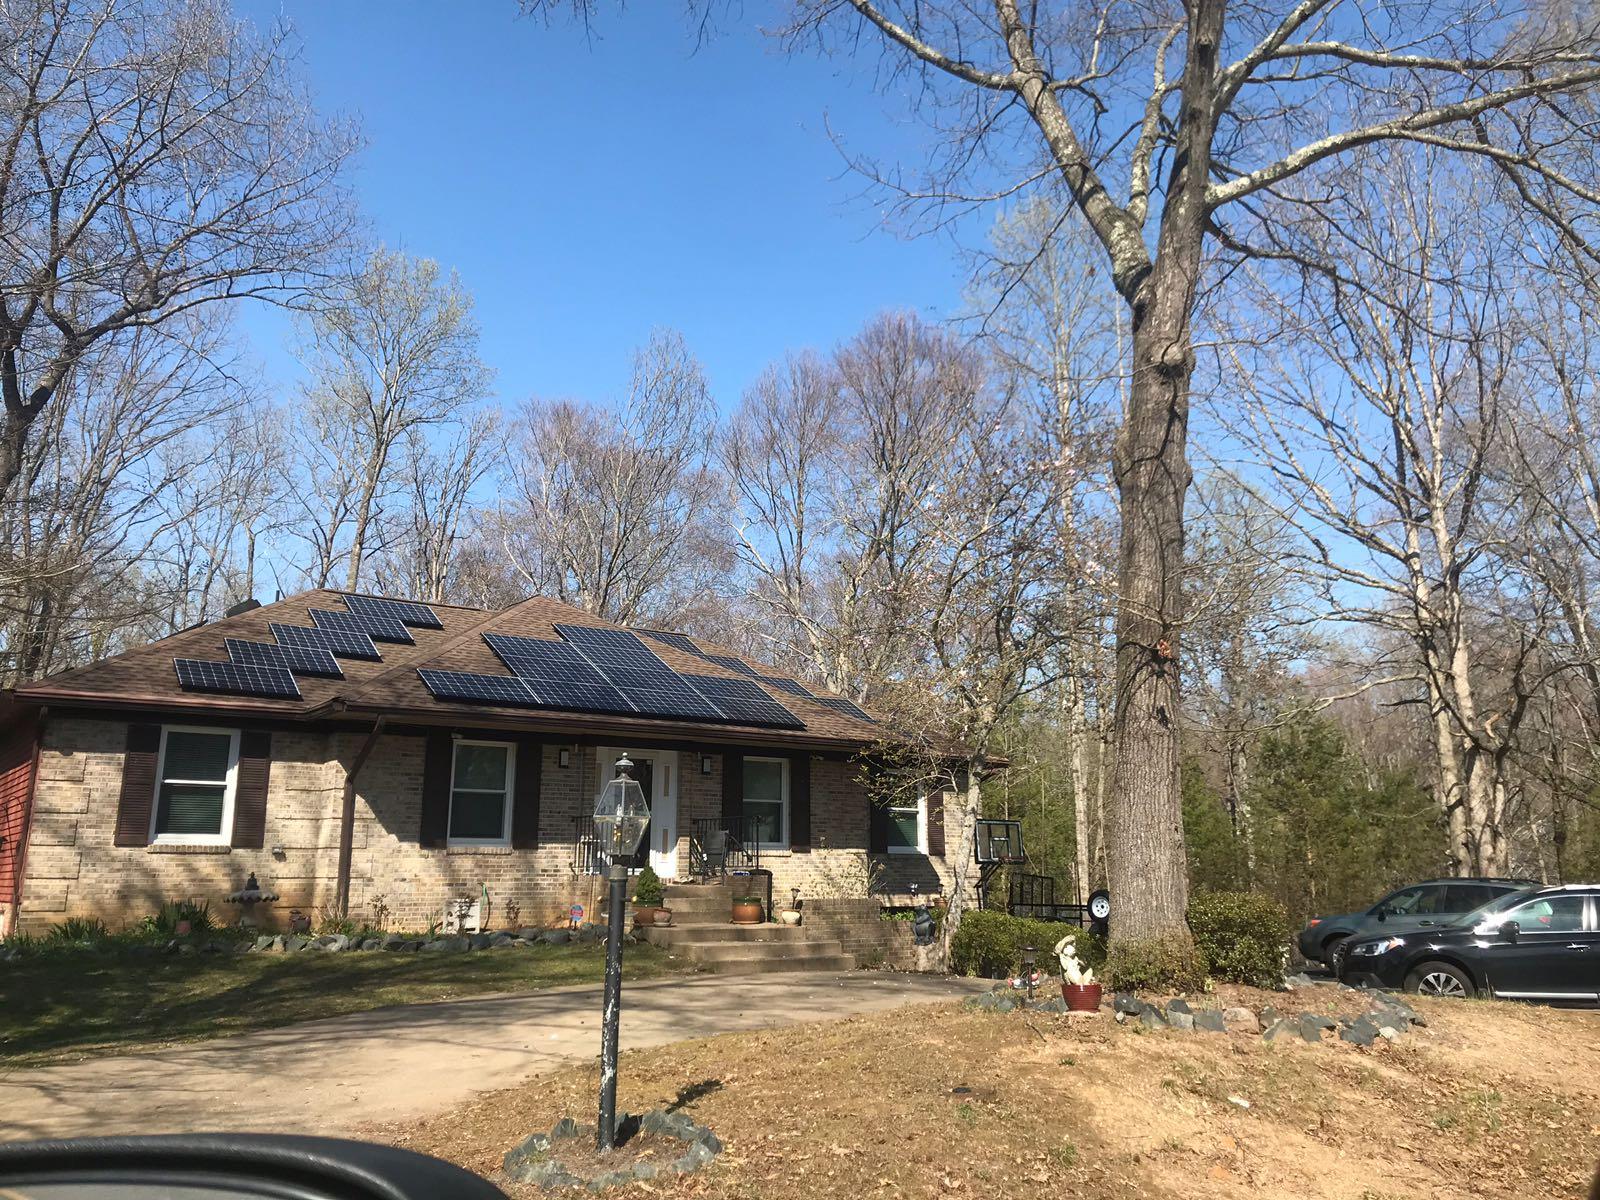 Solar panel installation in Virginia